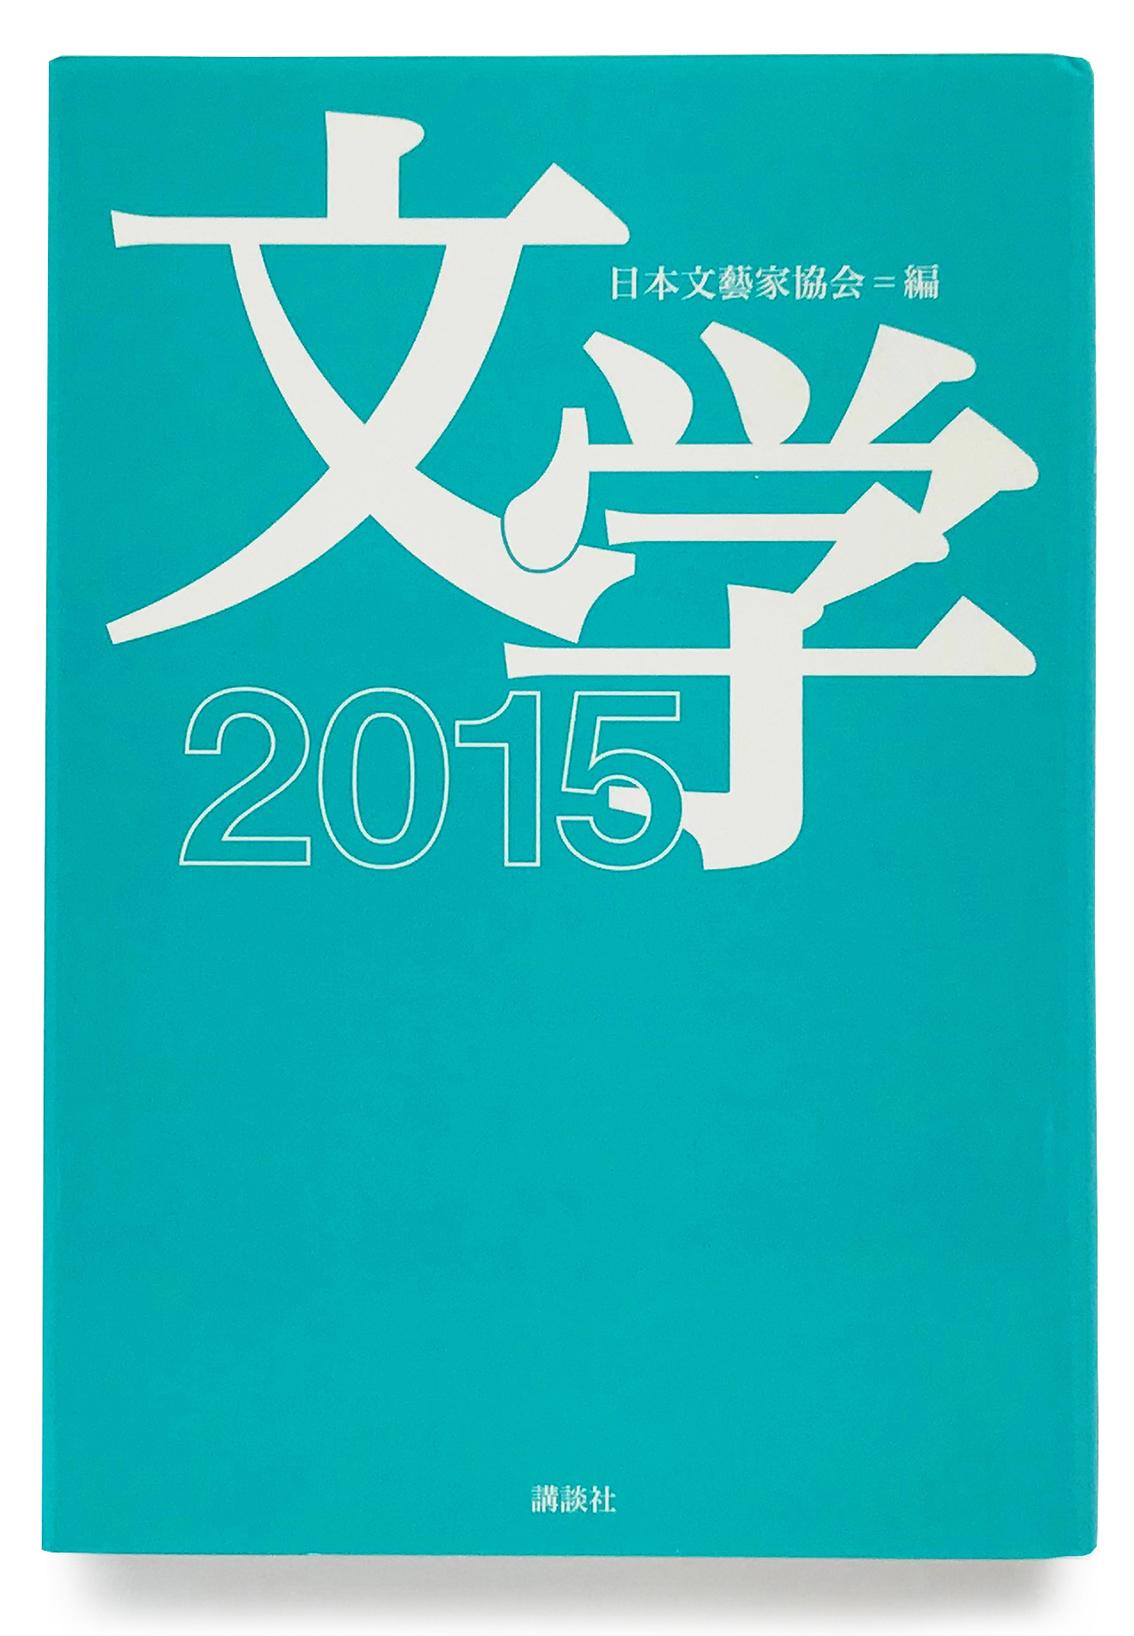 『文学 2015』